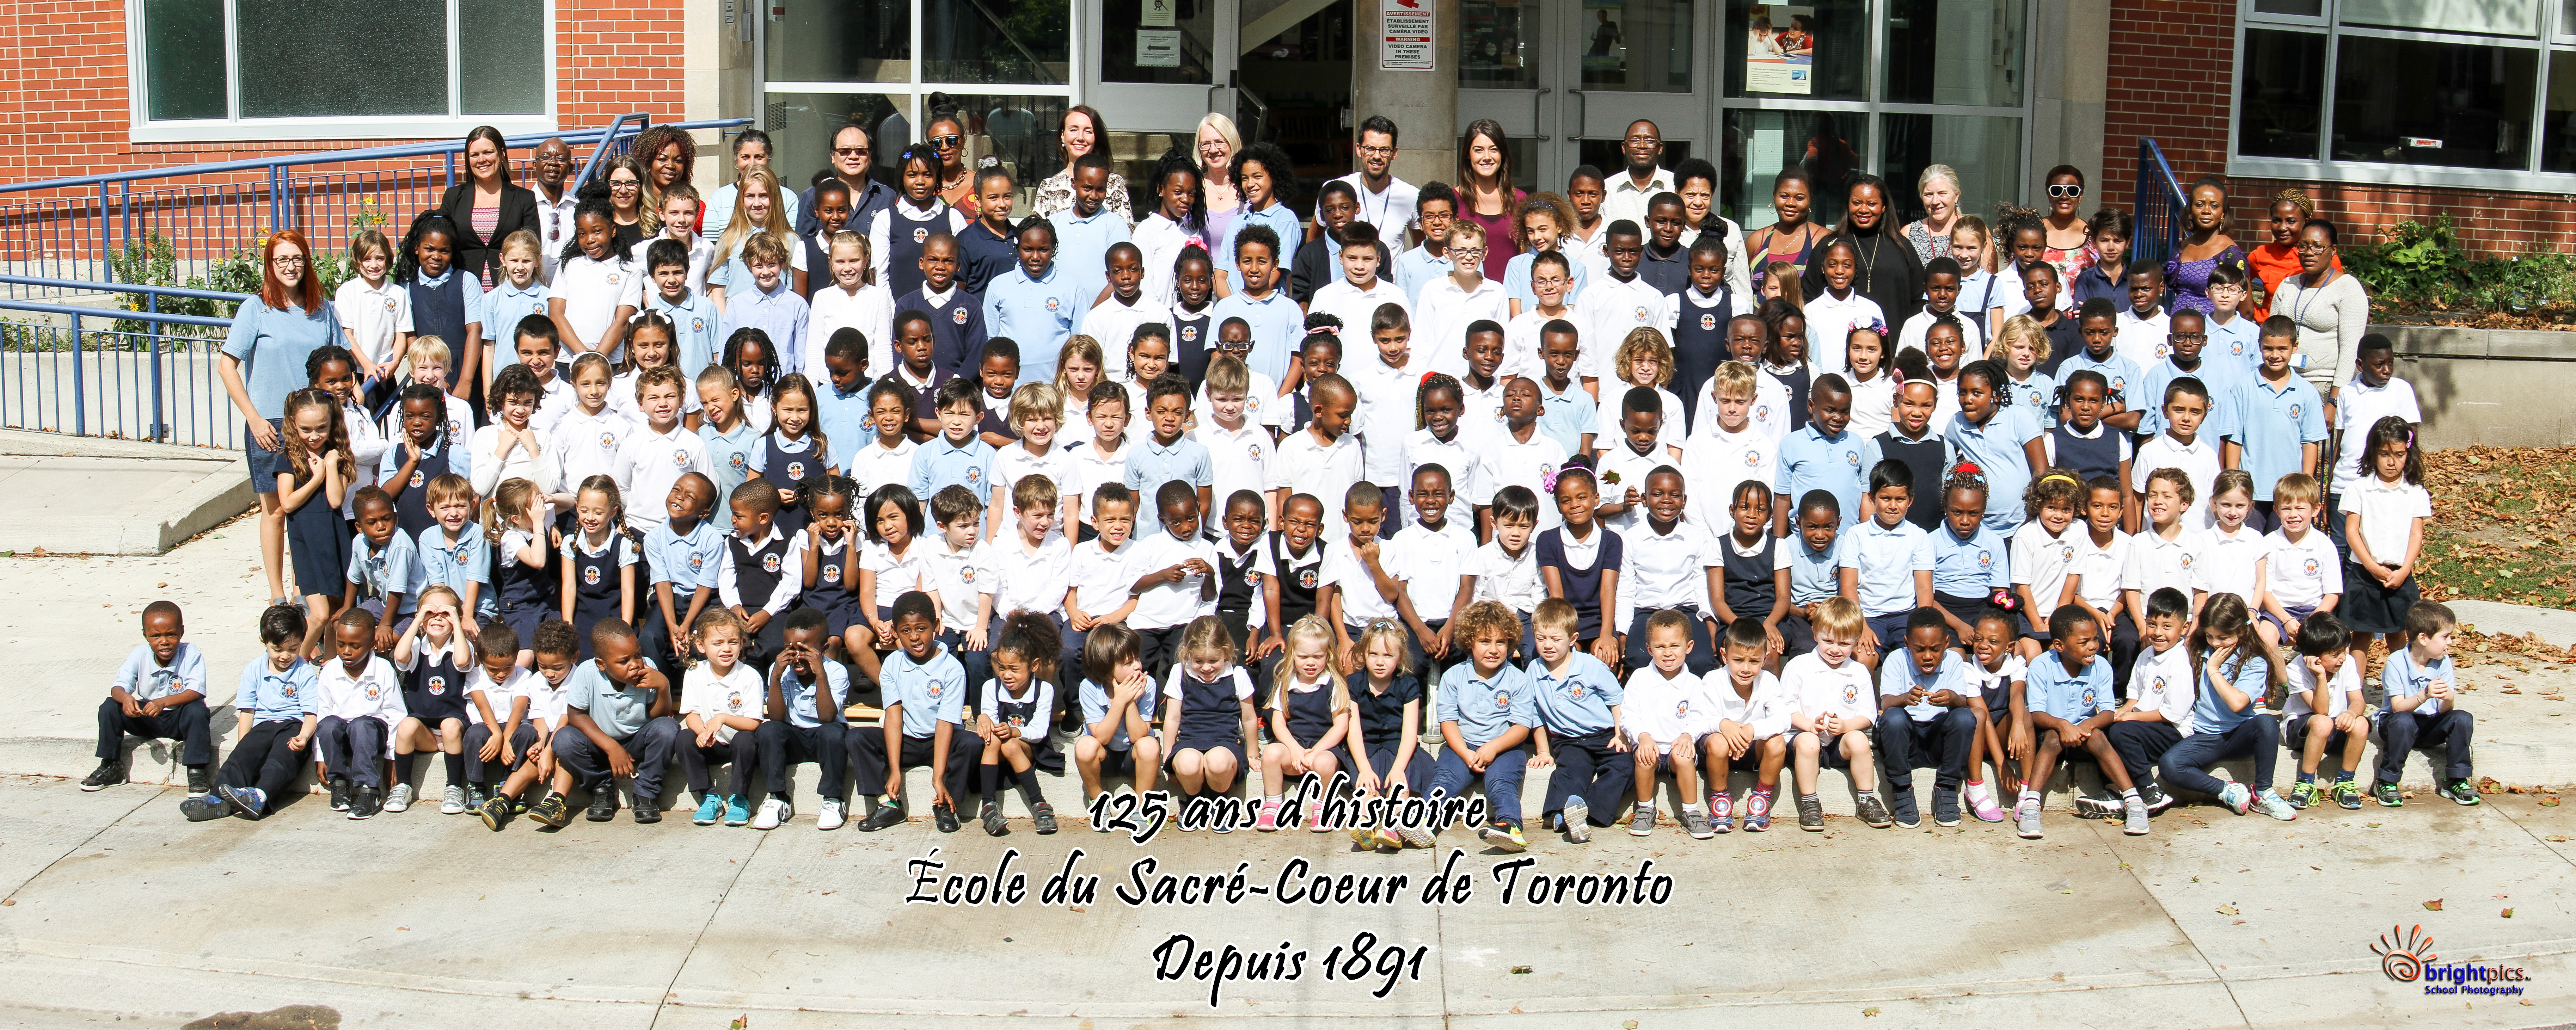 Cet automne, les élèves de l'école du Sacré-Coeur à Toronto ont pris cette photo commémorative.